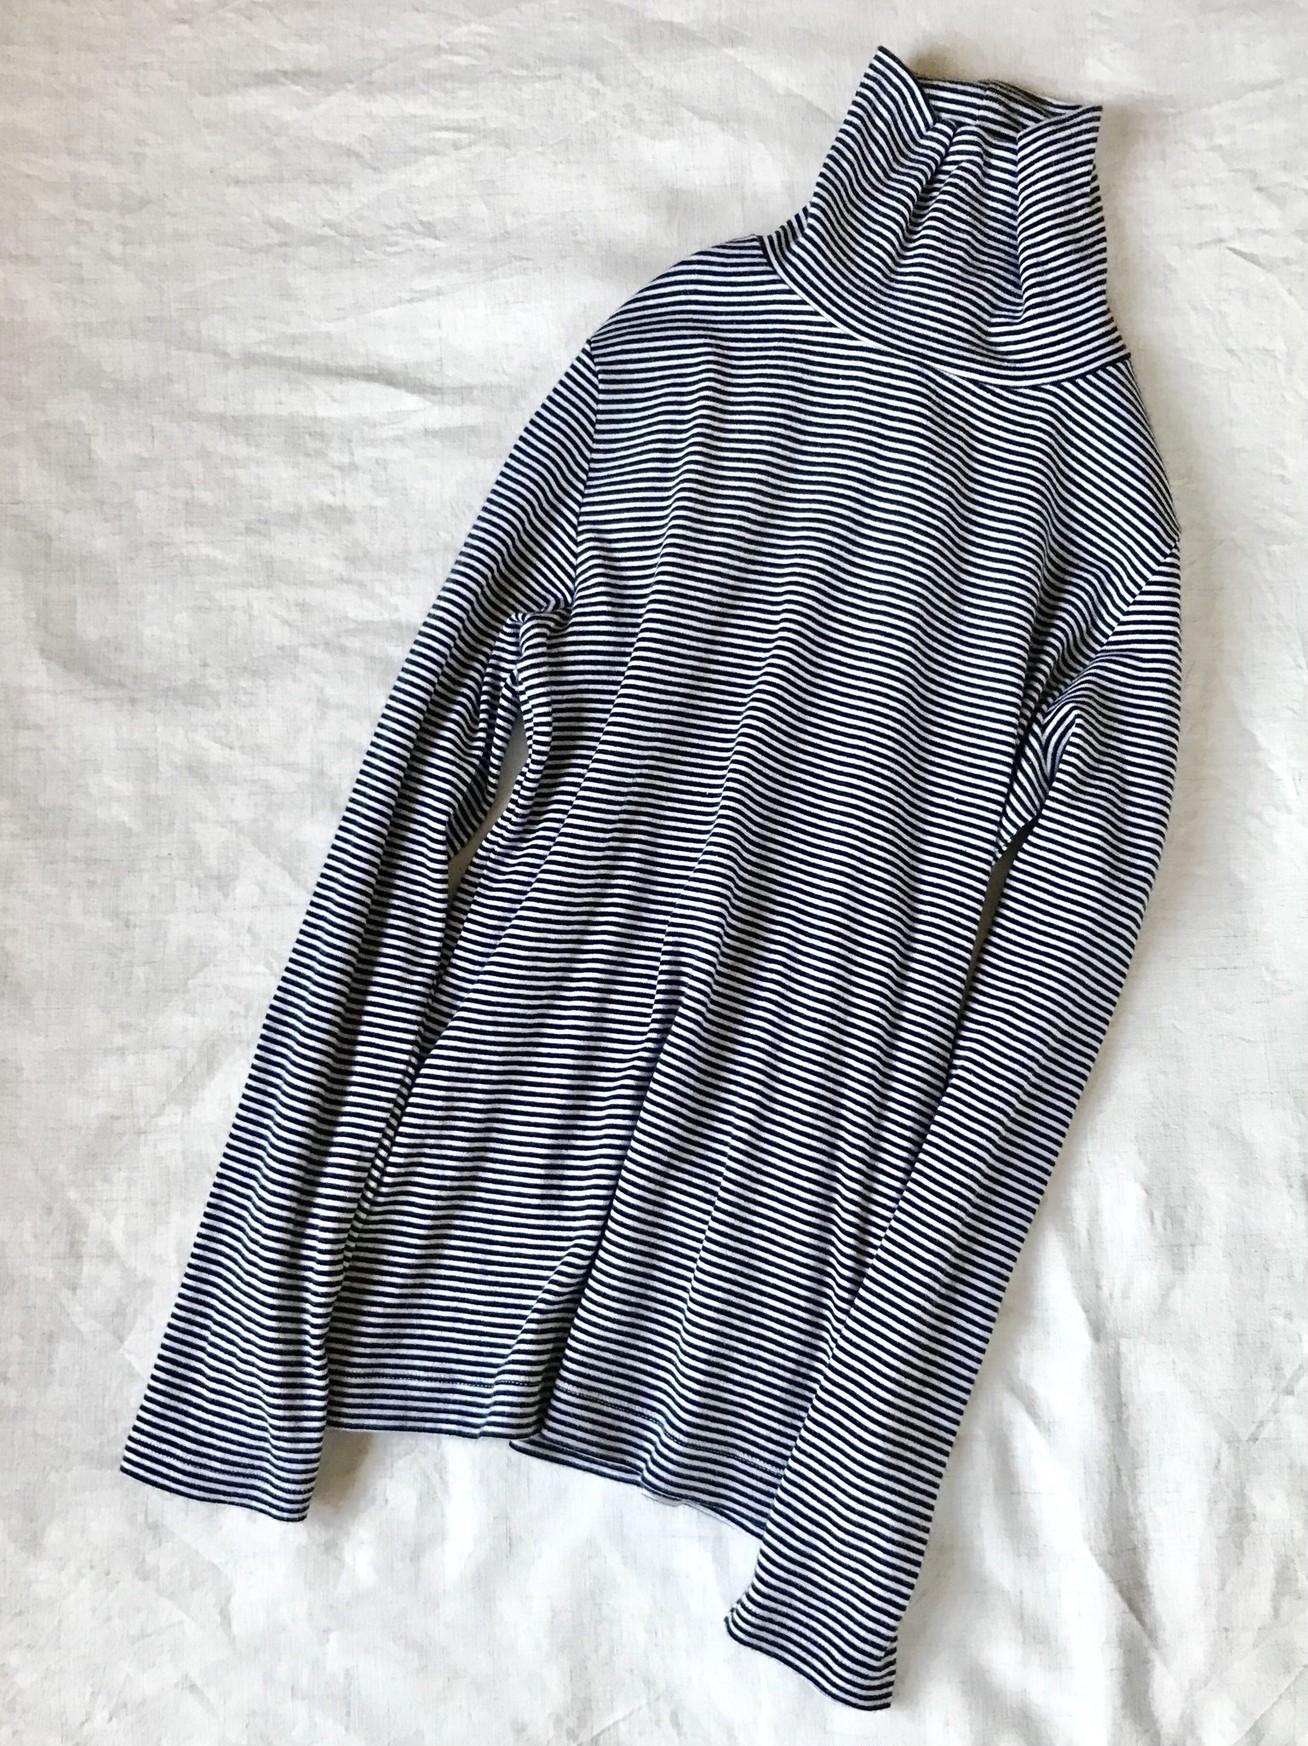 【無印良品】編集部員が愛用中のオーガニックコットンストレッチタートルネックTシャツ